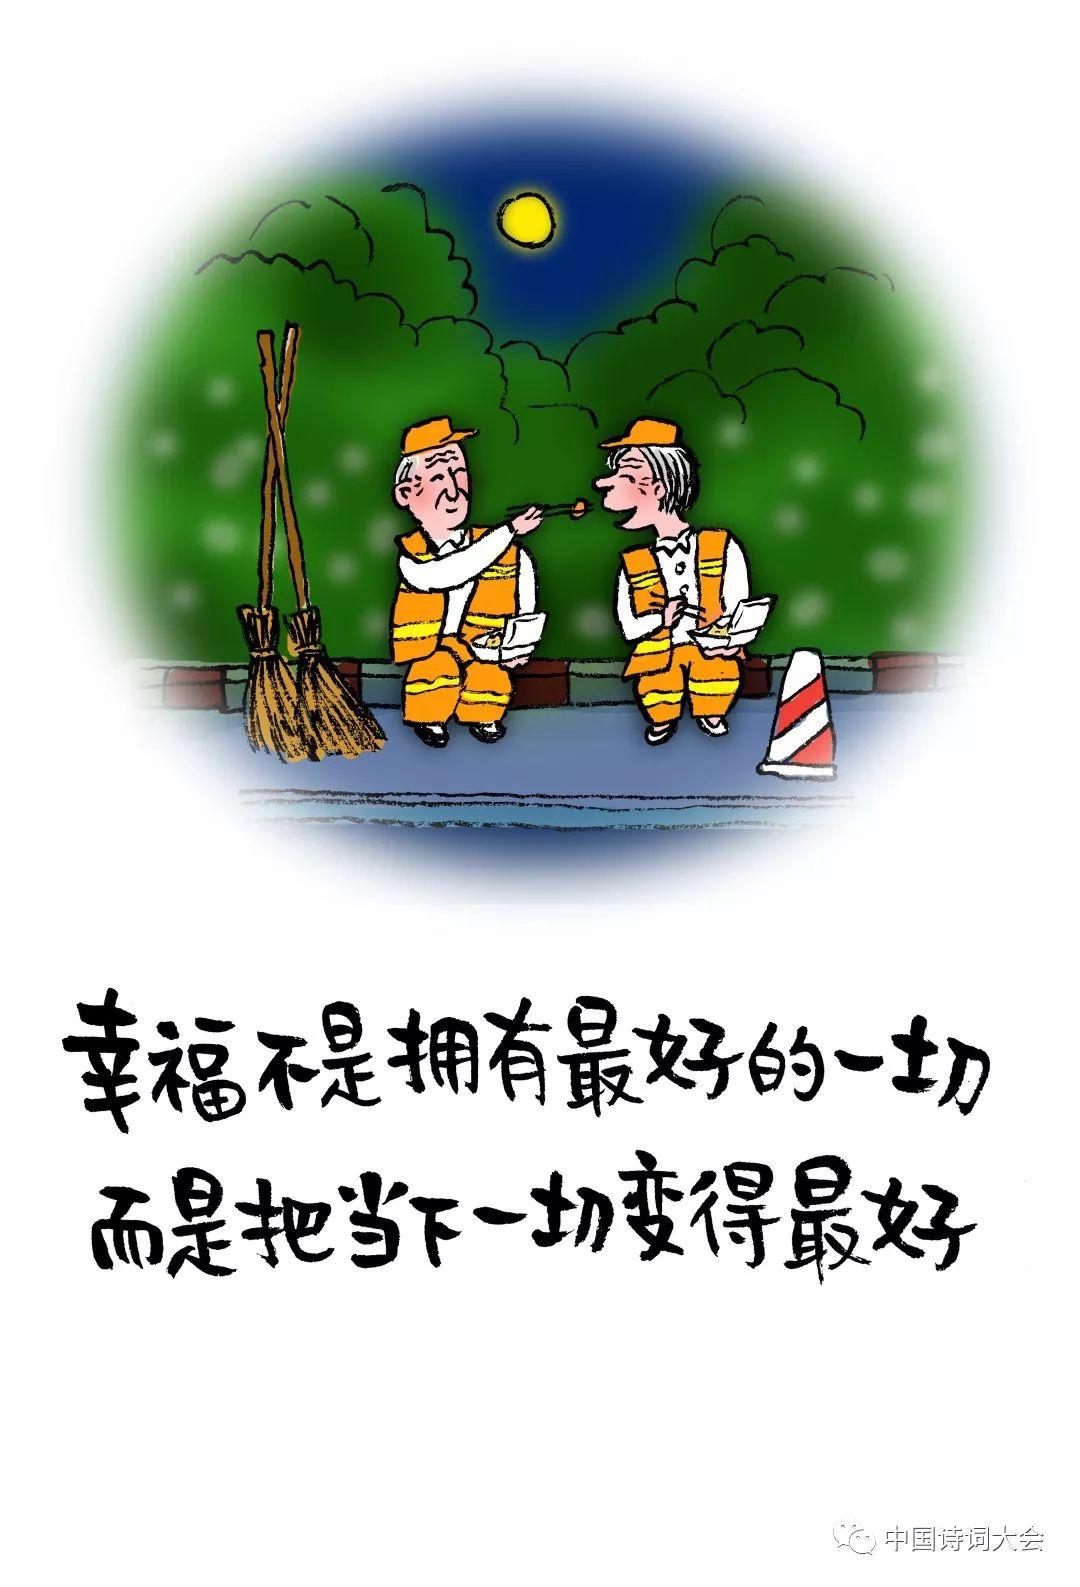 诗在画中,诗情画意——小林老师谈与诗词大会的不解之图片